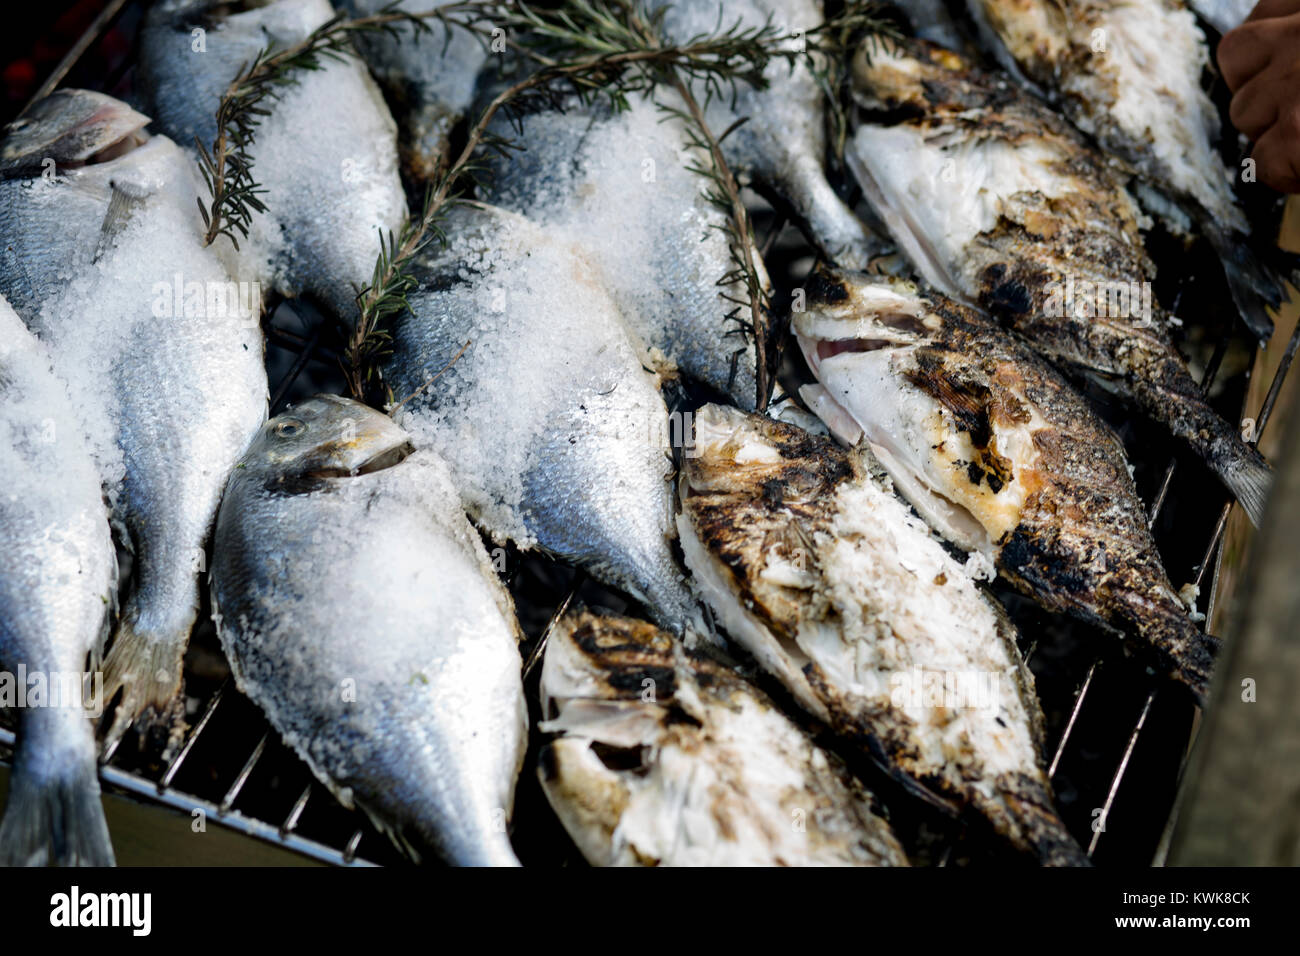 Faire de la gastronomie. Les poissons et les poissons, légumes ingrédients, grill, avocat. Photo Stock